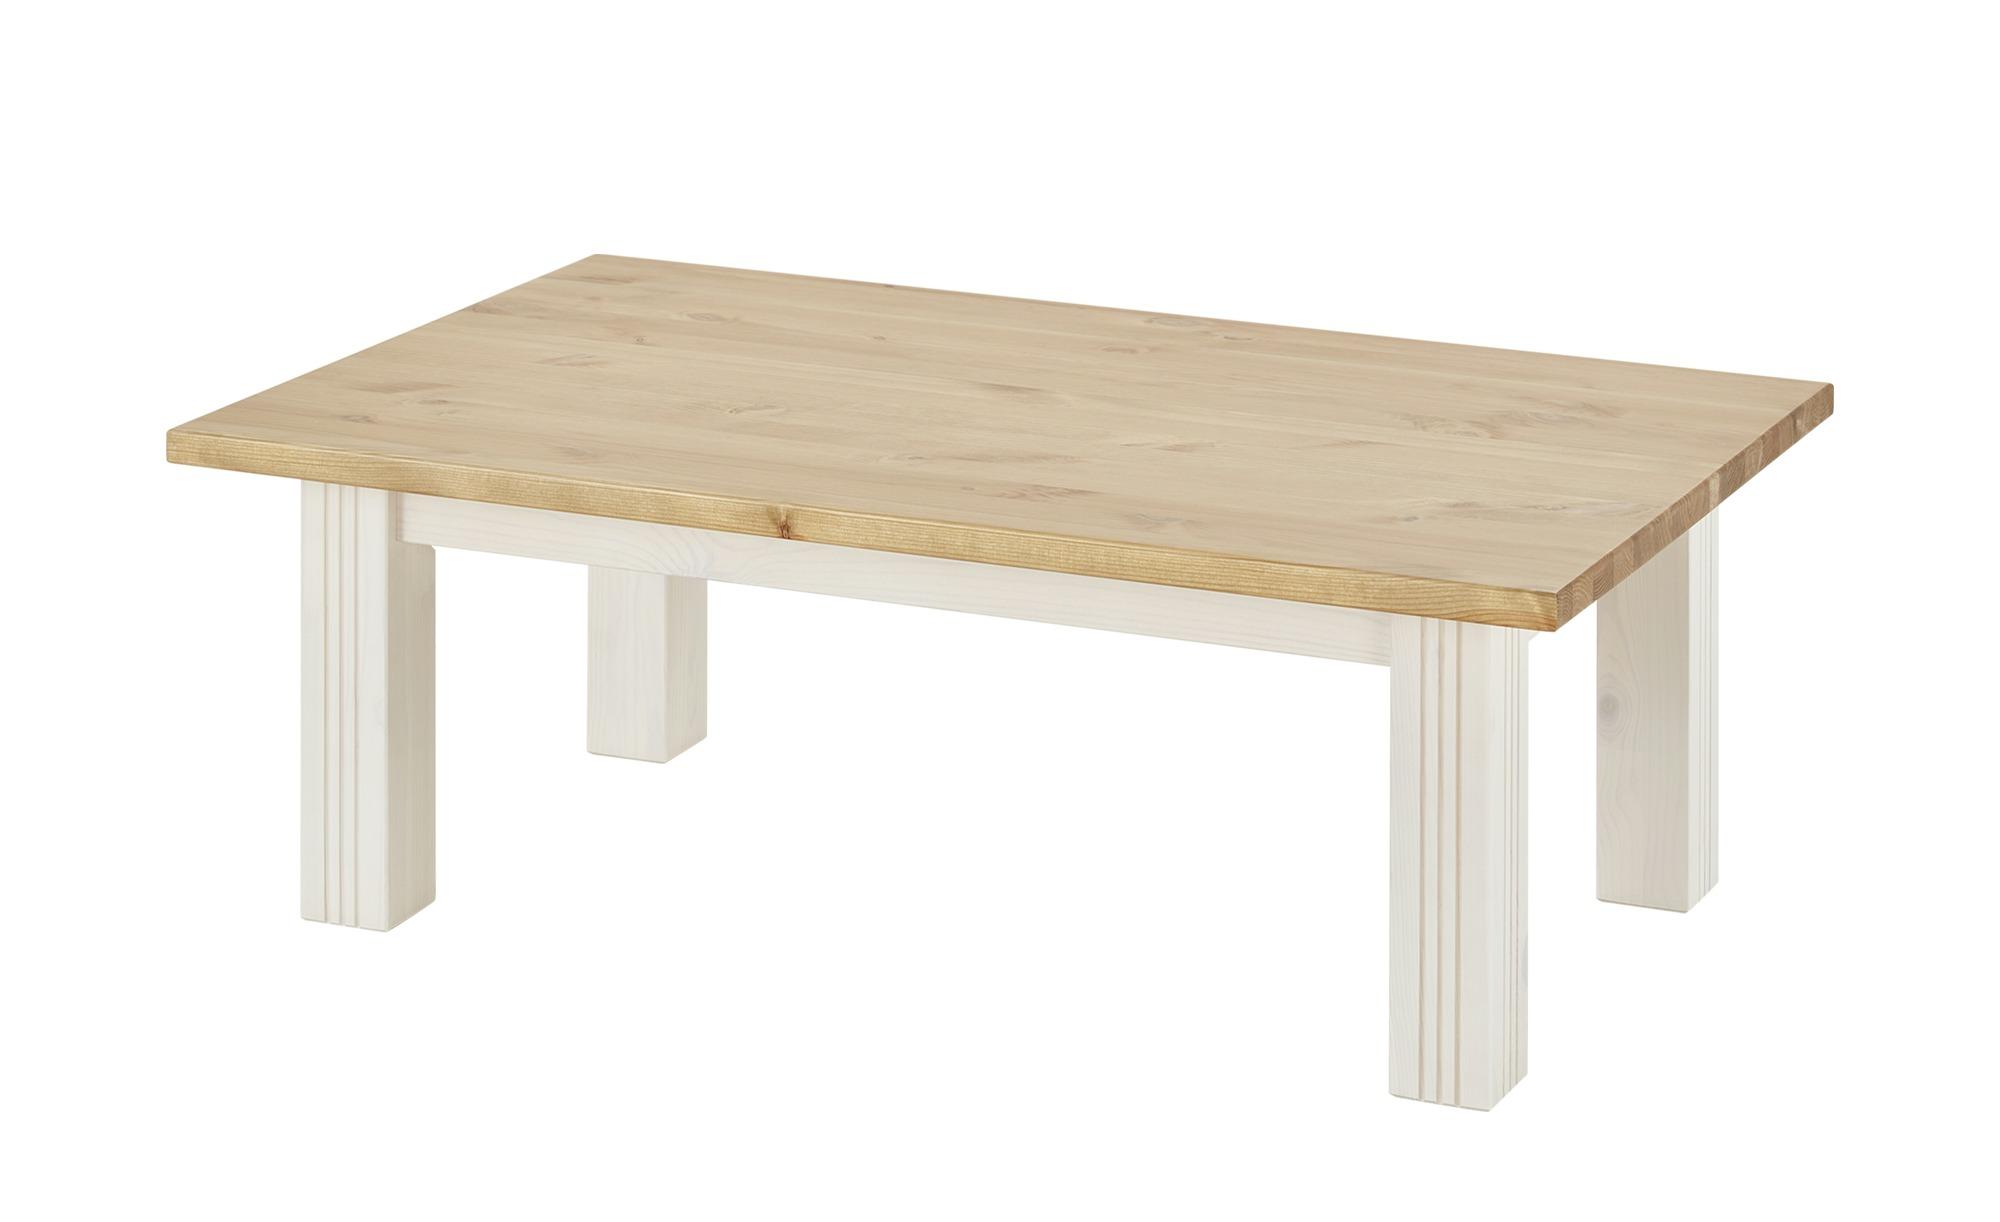 Couchtisch   Bornholm ¦ weiß ¦ Maße (cm): B: 70 H: 42 Tische > Couchtische > Couchtisch Massivholz - Höffner